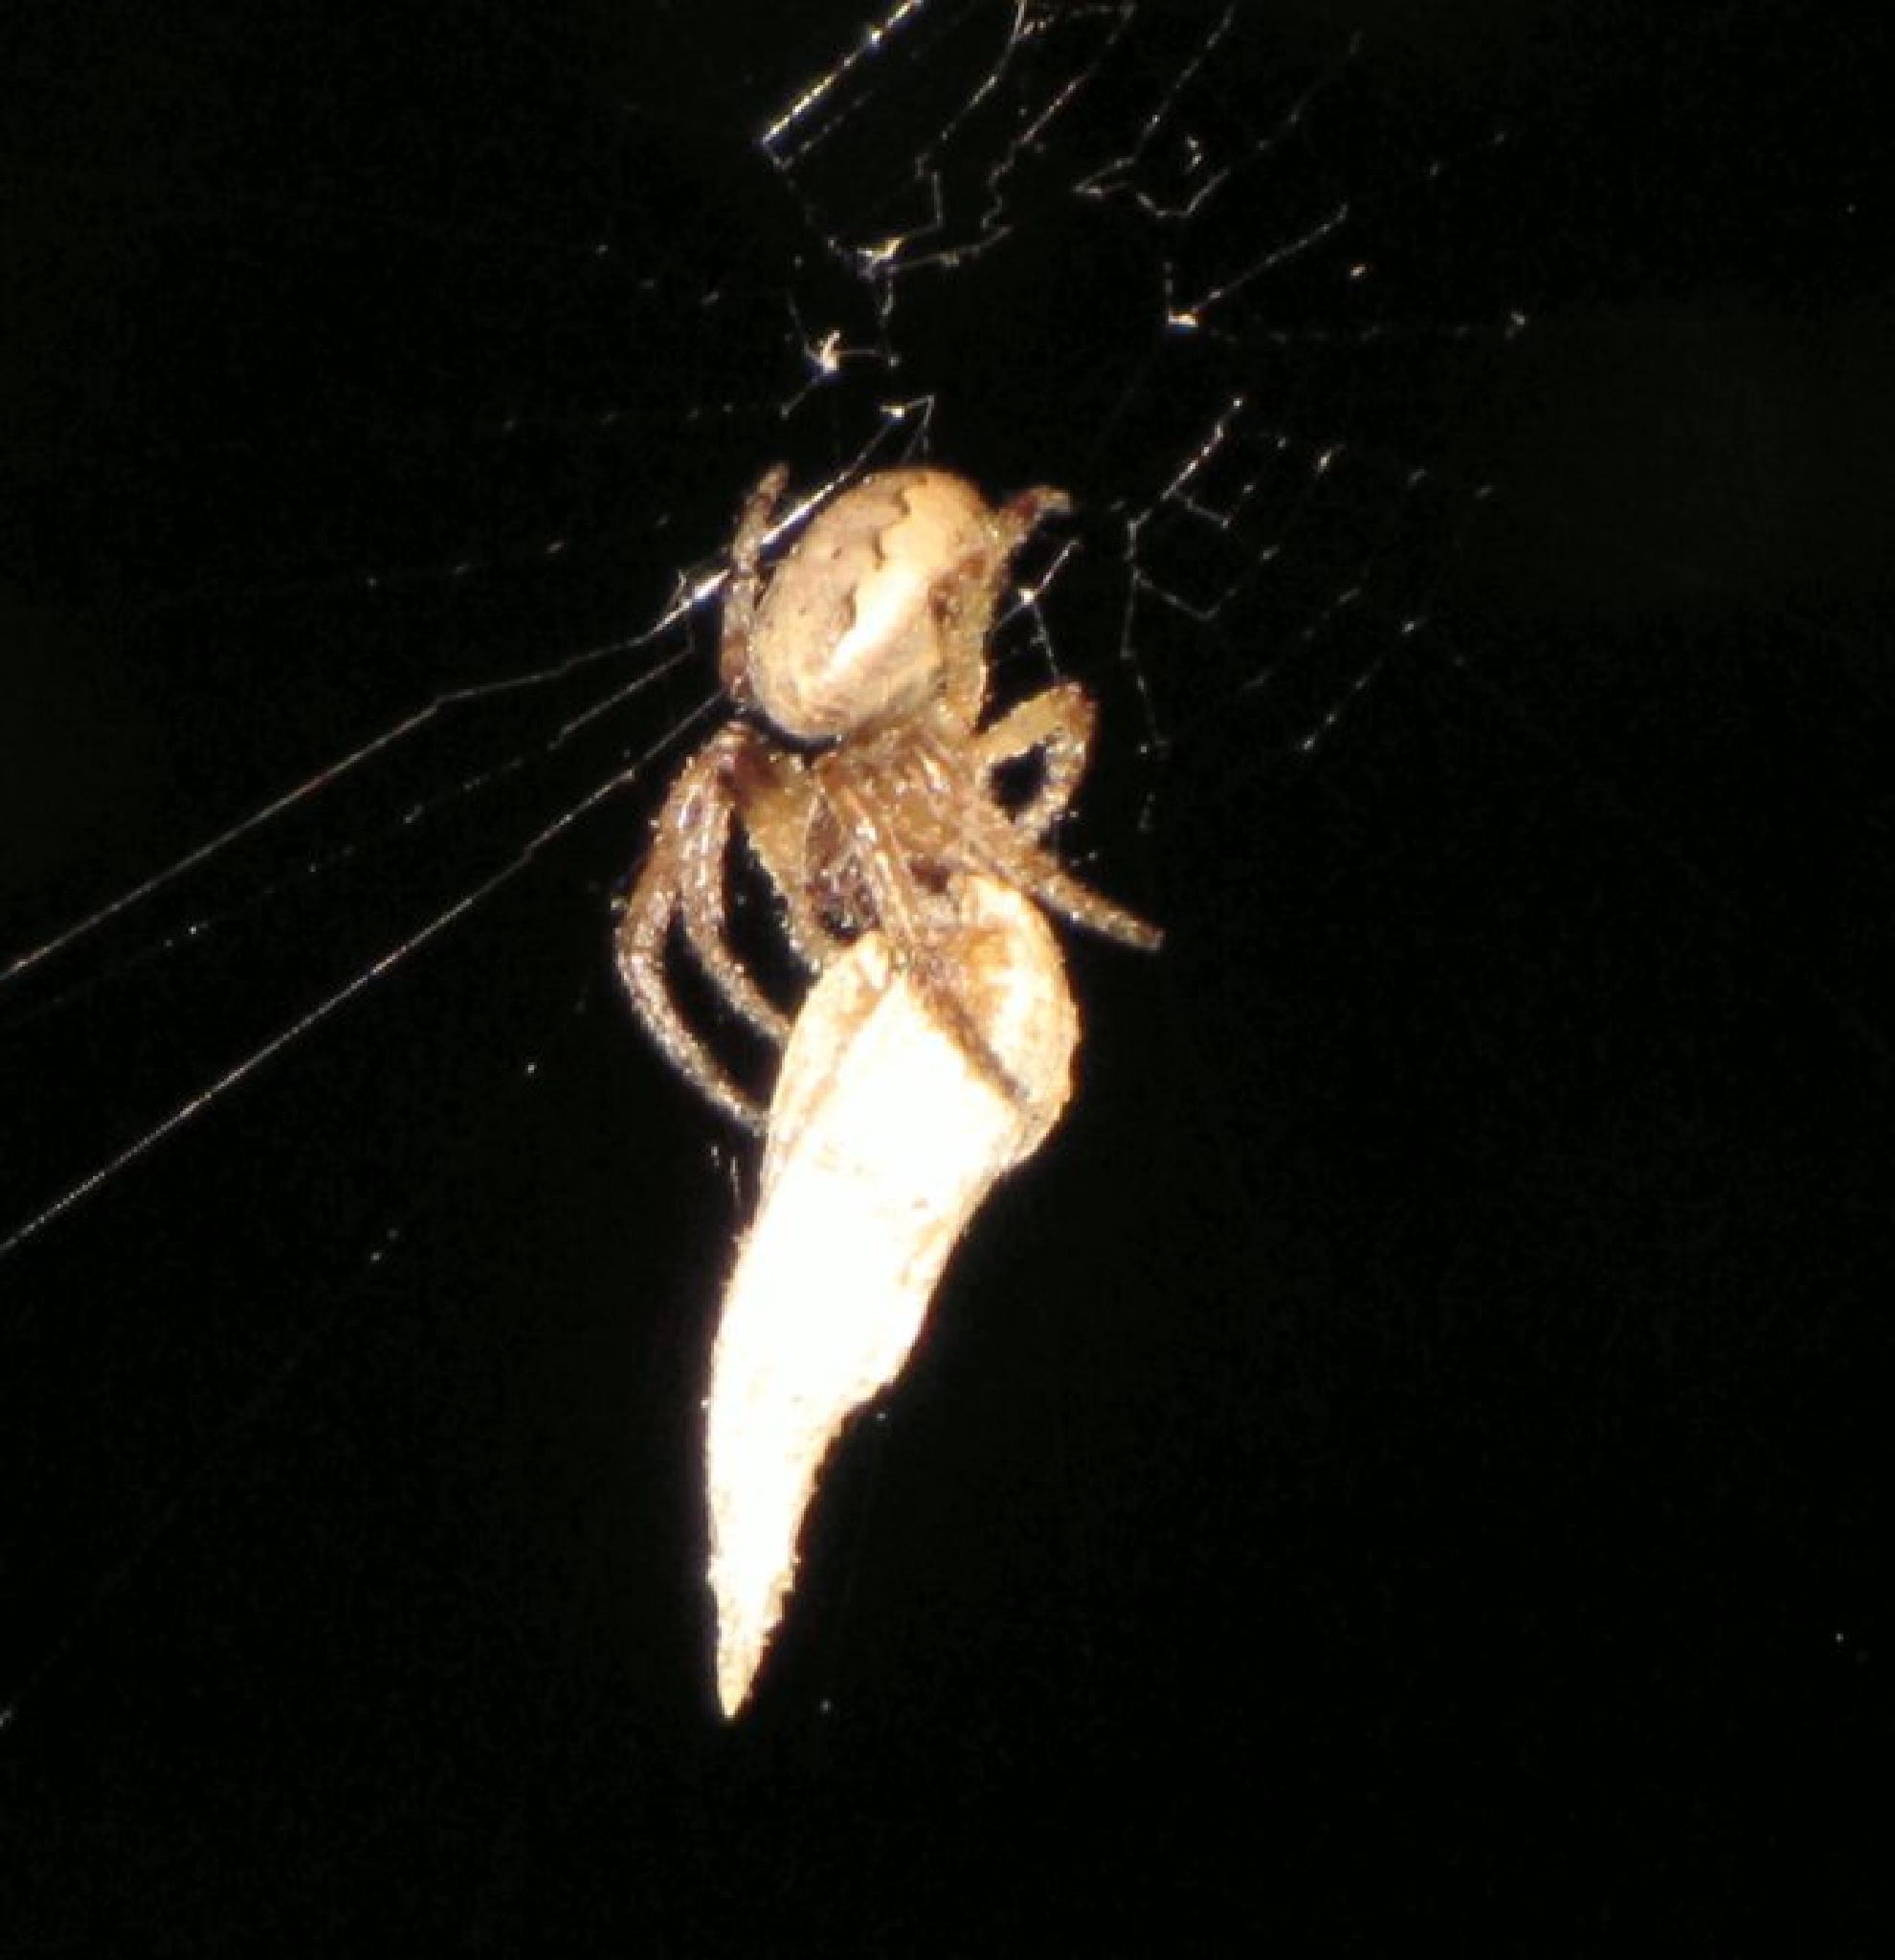 Spider Having dinner by teresa.ehling